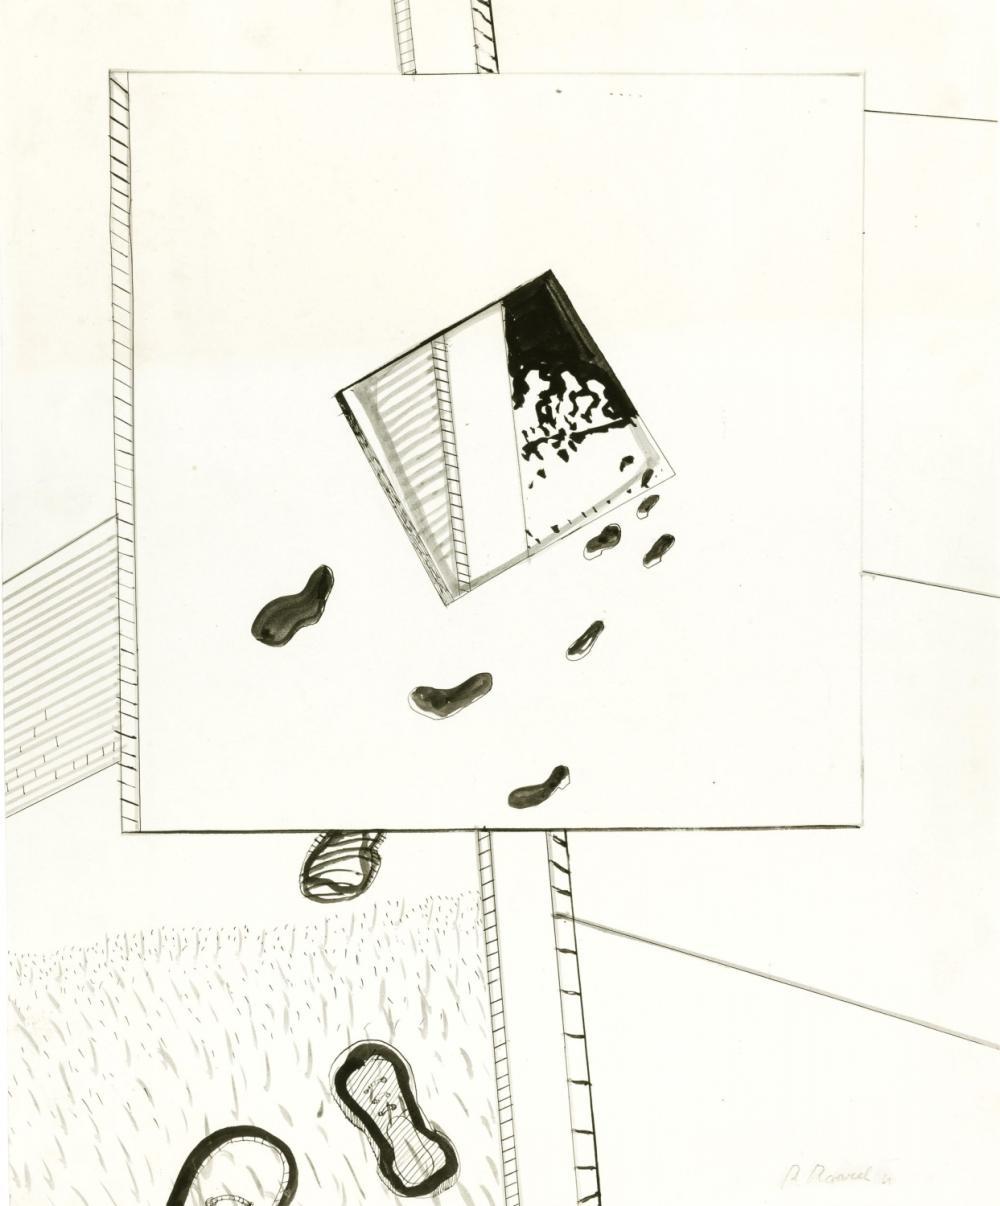 Raveel Roger - Design for a sculpture (1969)